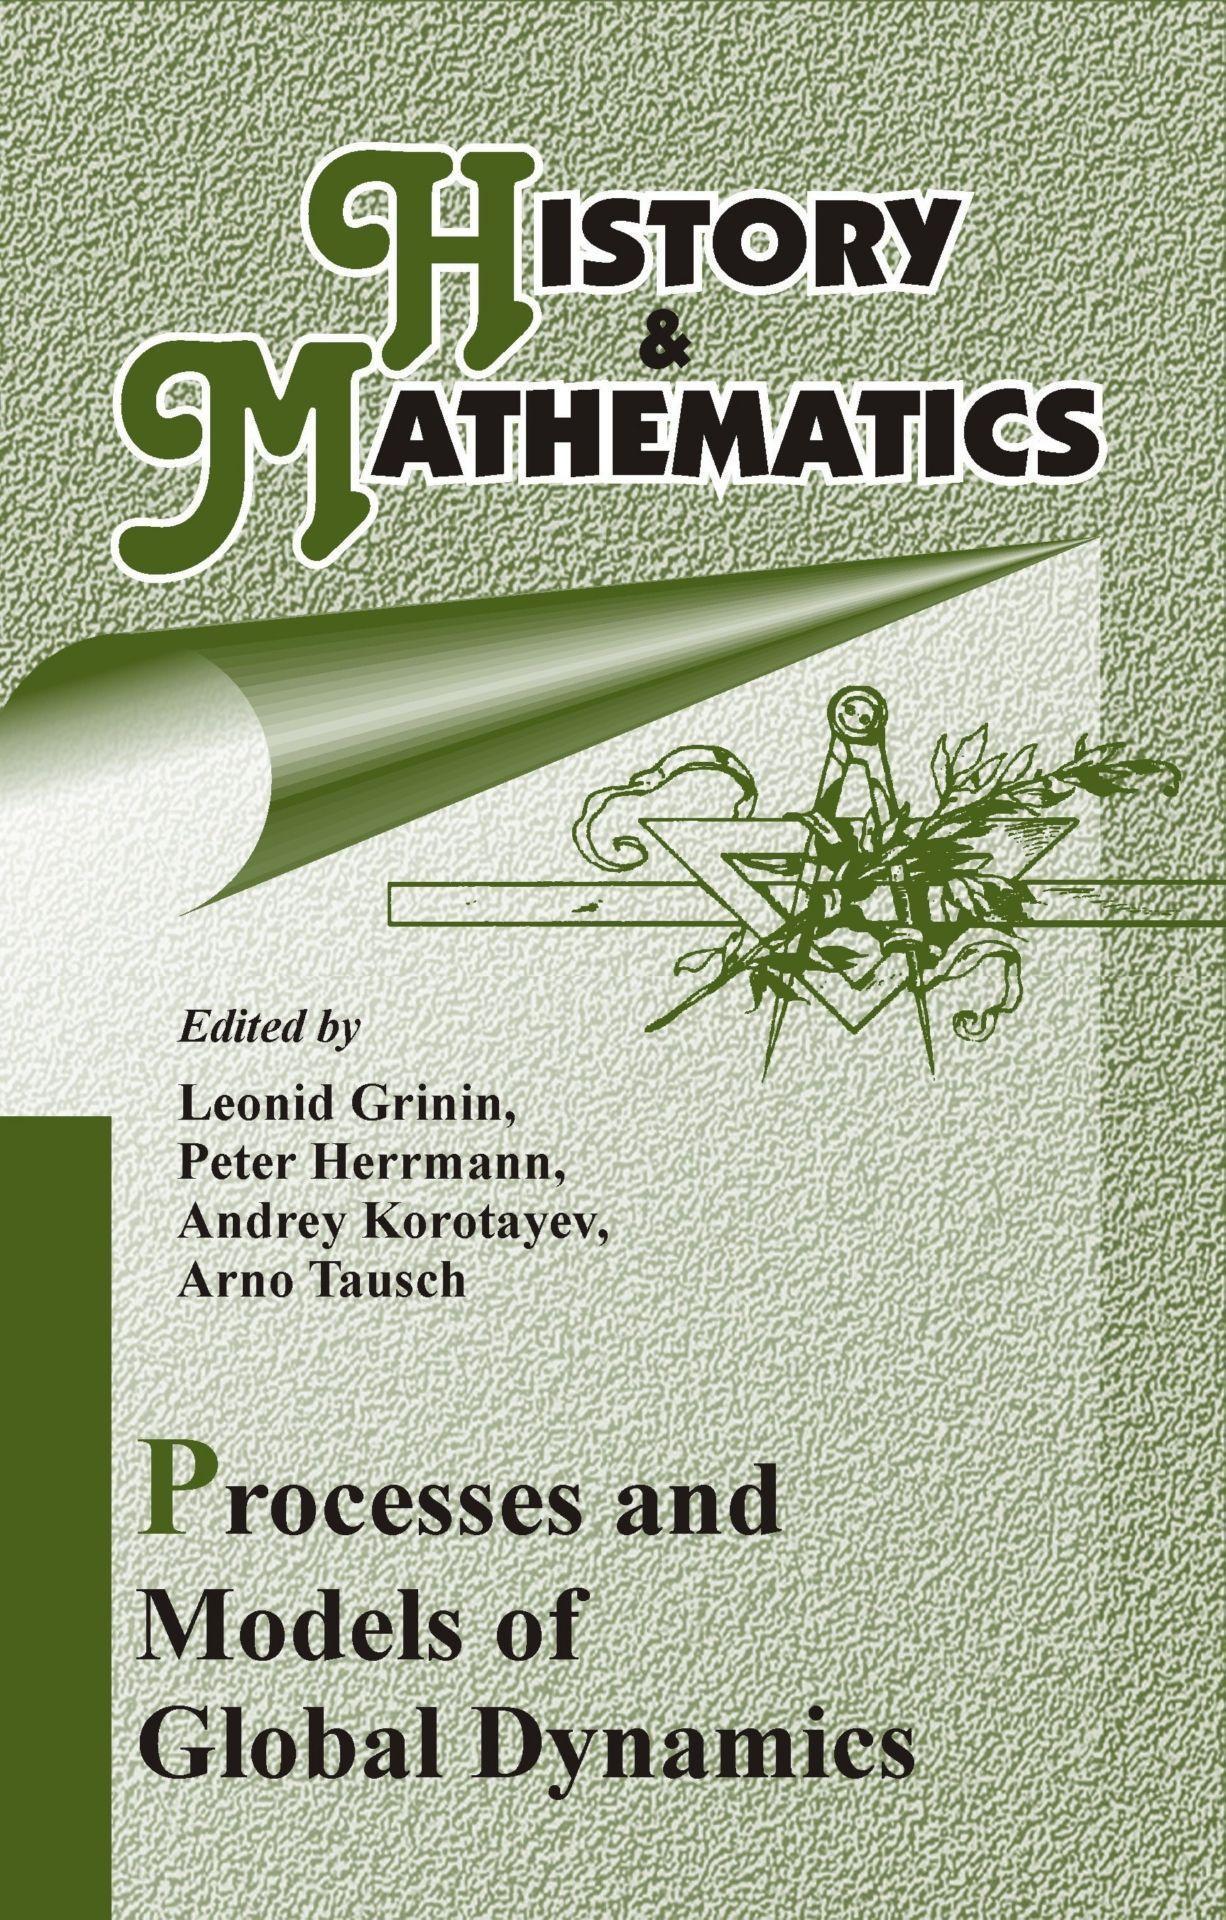 History & Mathematics: Processes and Models of Global Dynamics (История и математика: Процессы модели глобальной динамики. Альманах на английском языке)